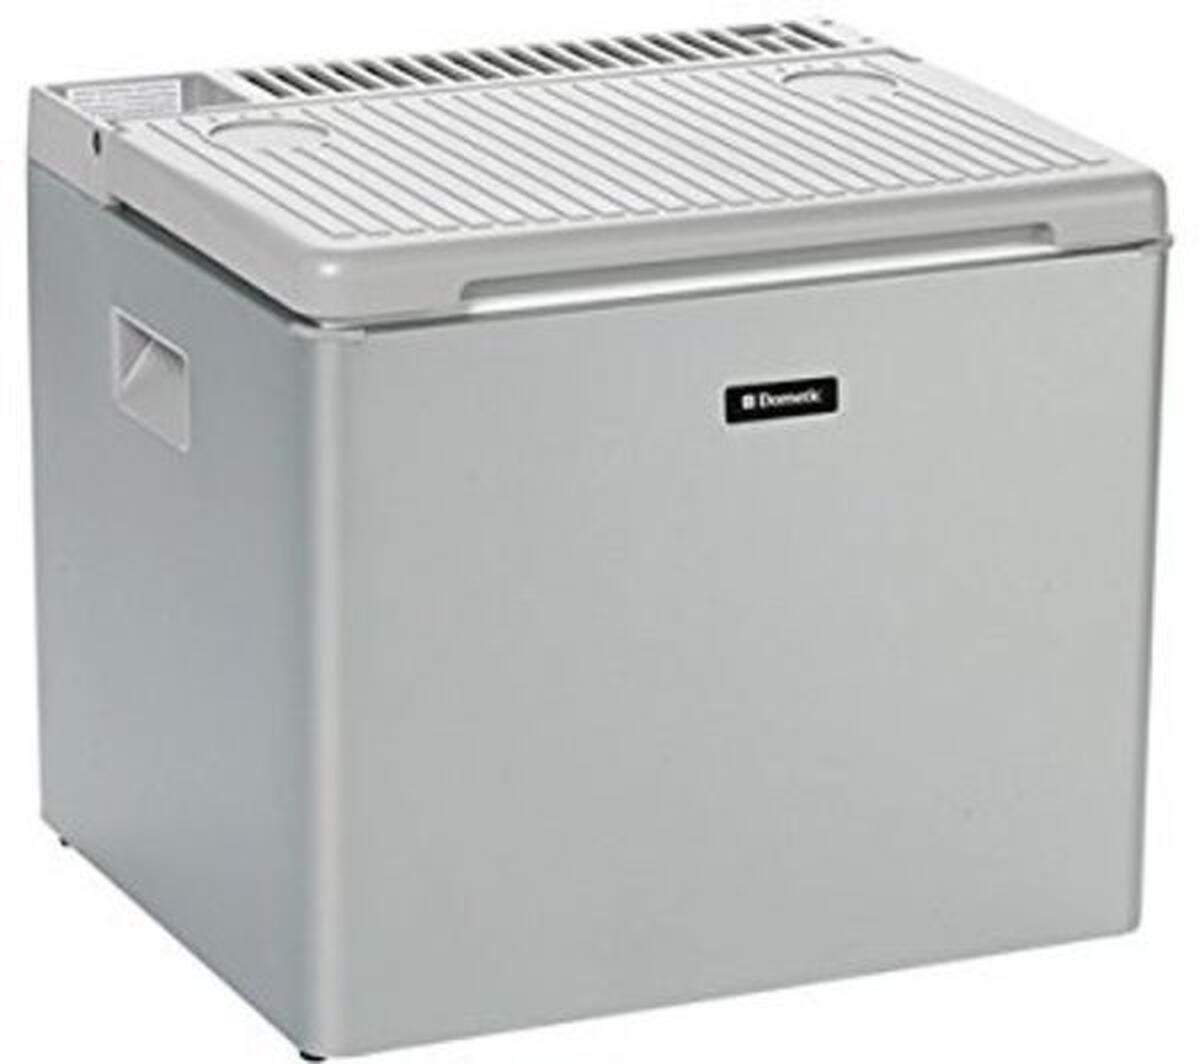 dometic-rc-1600-egp